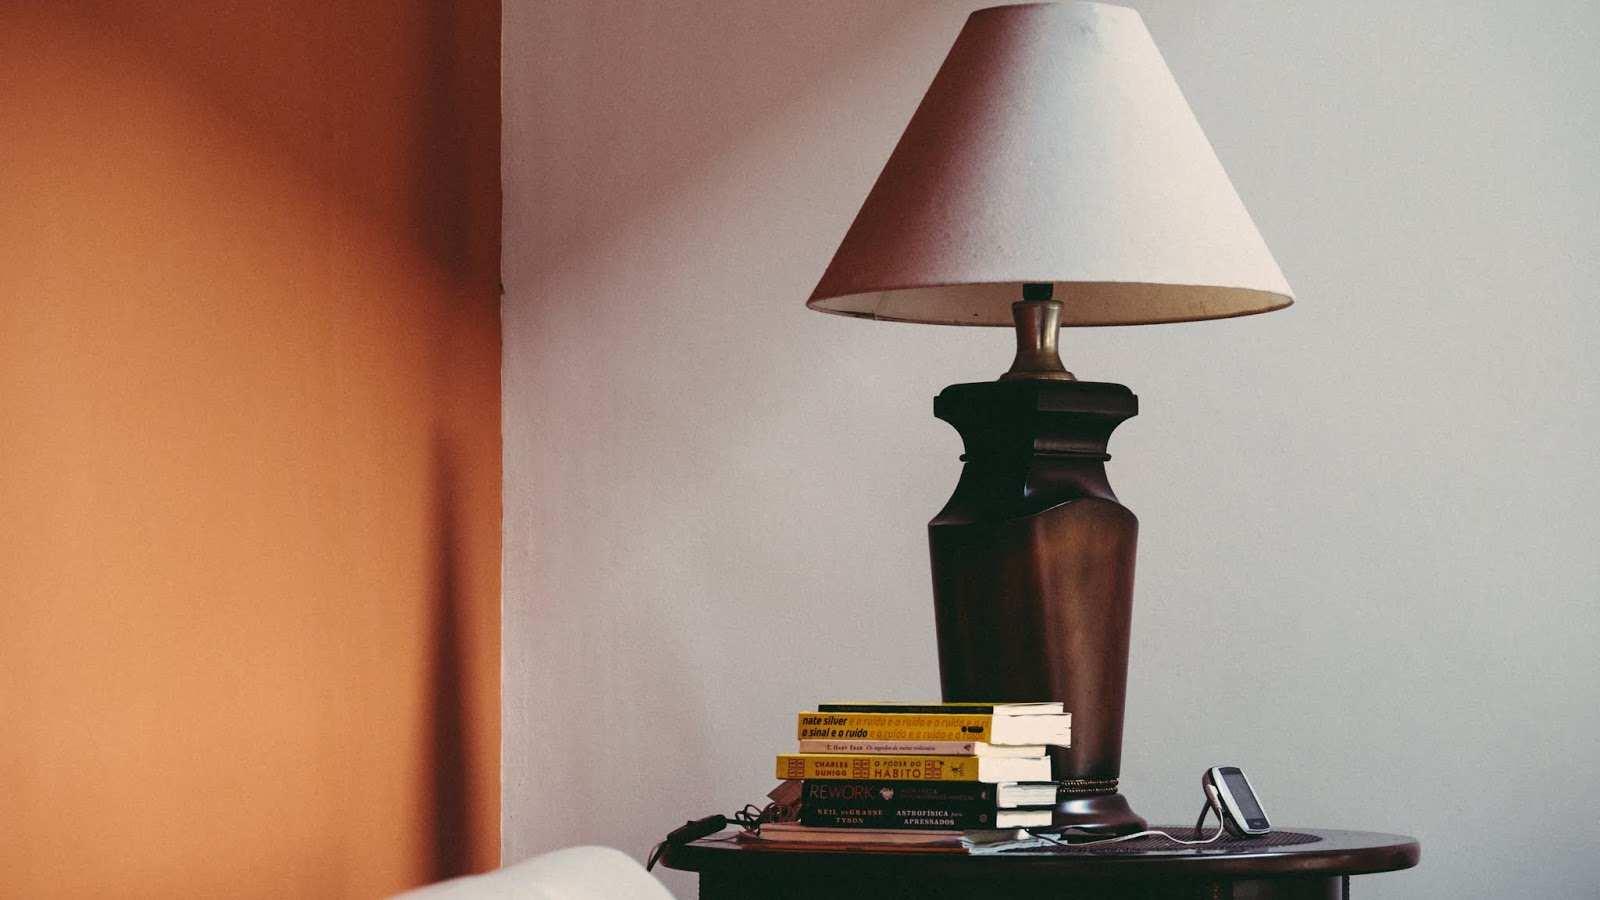 Full Size of Kchenlampe Led Decke Einzigartig Tilandhausstil Tolles Landhausstil Sofa Boxspring Bett Küche Wohnzimmer Schlafzimmer Weiß Bad Regal Esstisch Betten Wohnzimmer Küchenlampe Landhausstil